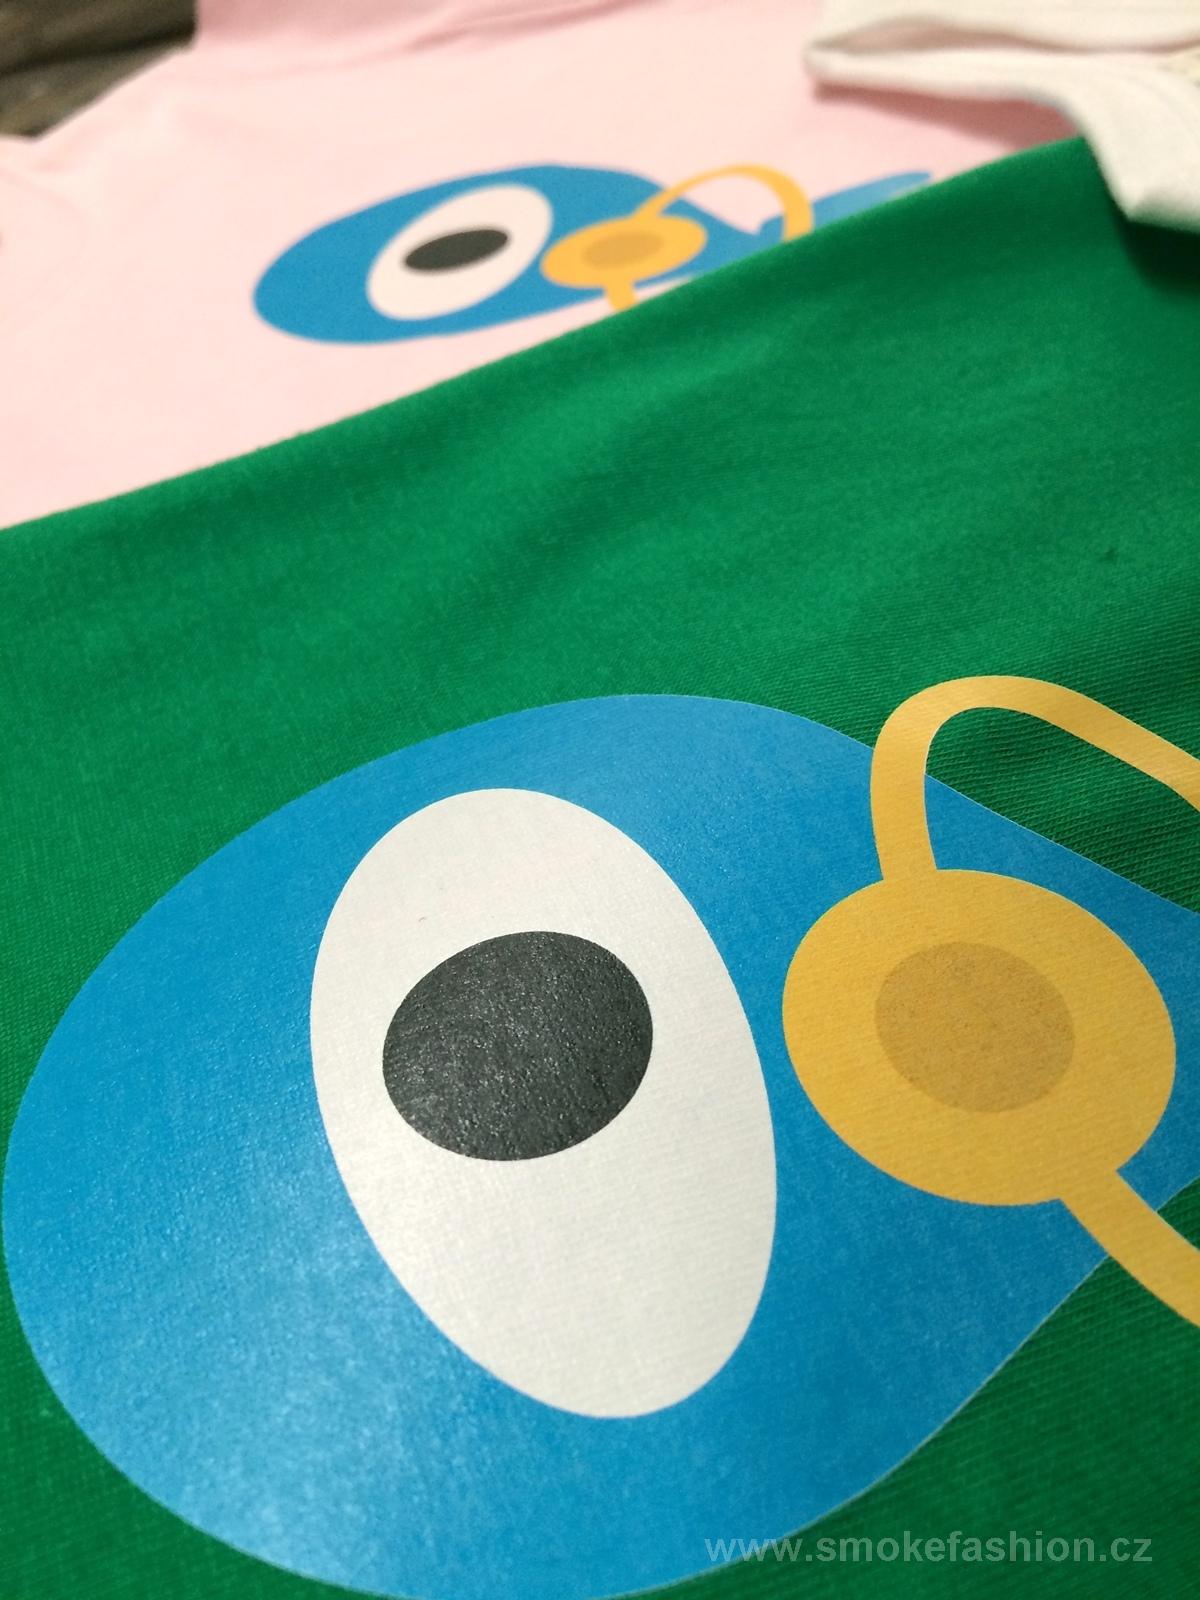 186791dd09b Reklamní trička s potiskem - Potisk dětských triček s vlastním potiskem pro  firmy na NÍZKÉ ceny - Reklamní a firemní textil a oblečení a reklamní  předměty s ...